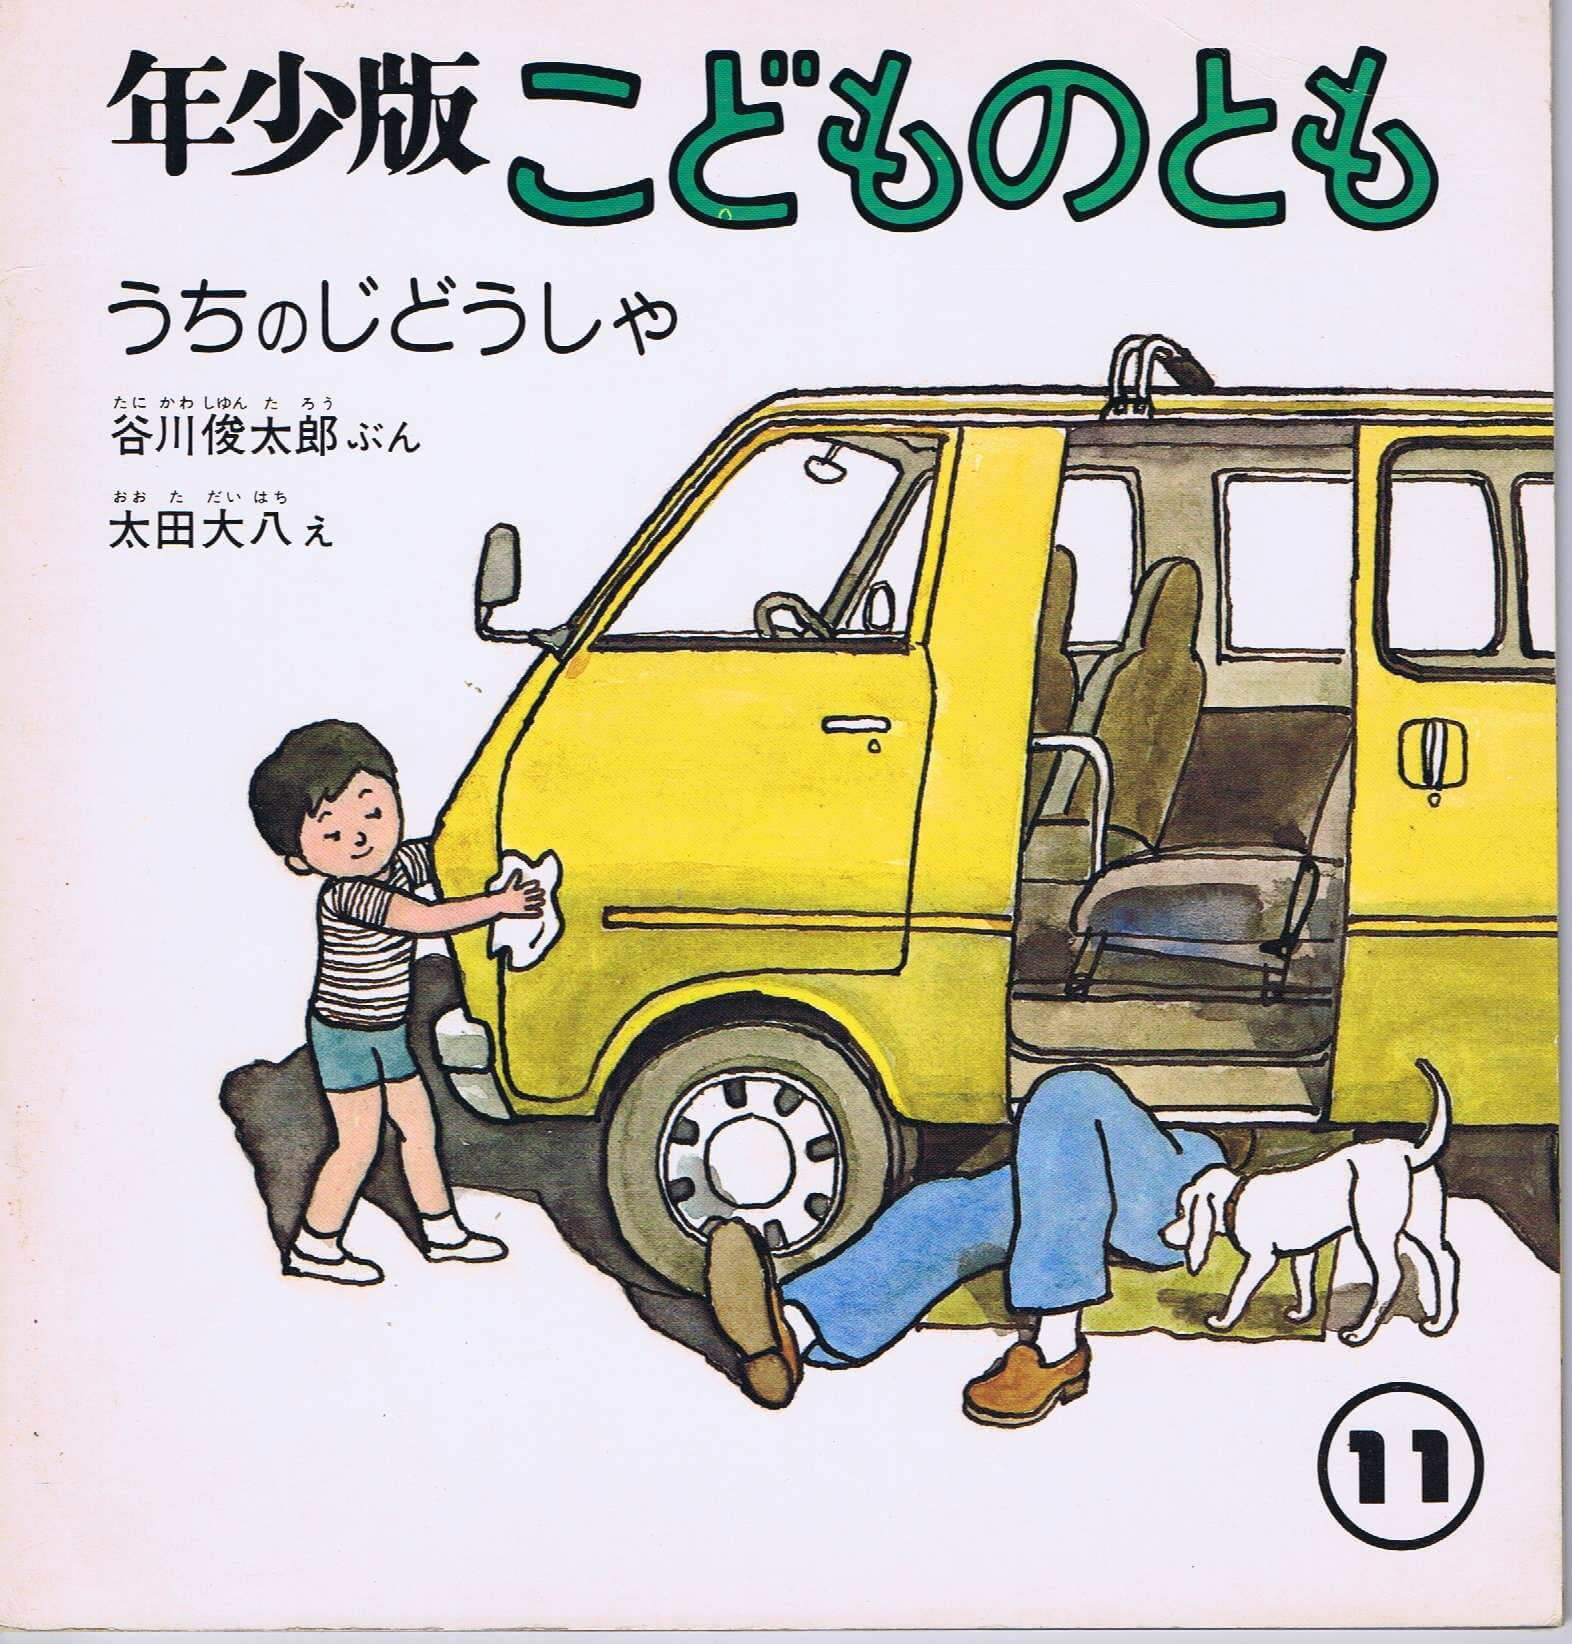 うちのじどうしゃ こどものとも 年少版 通巻20号 (1978年11月号)